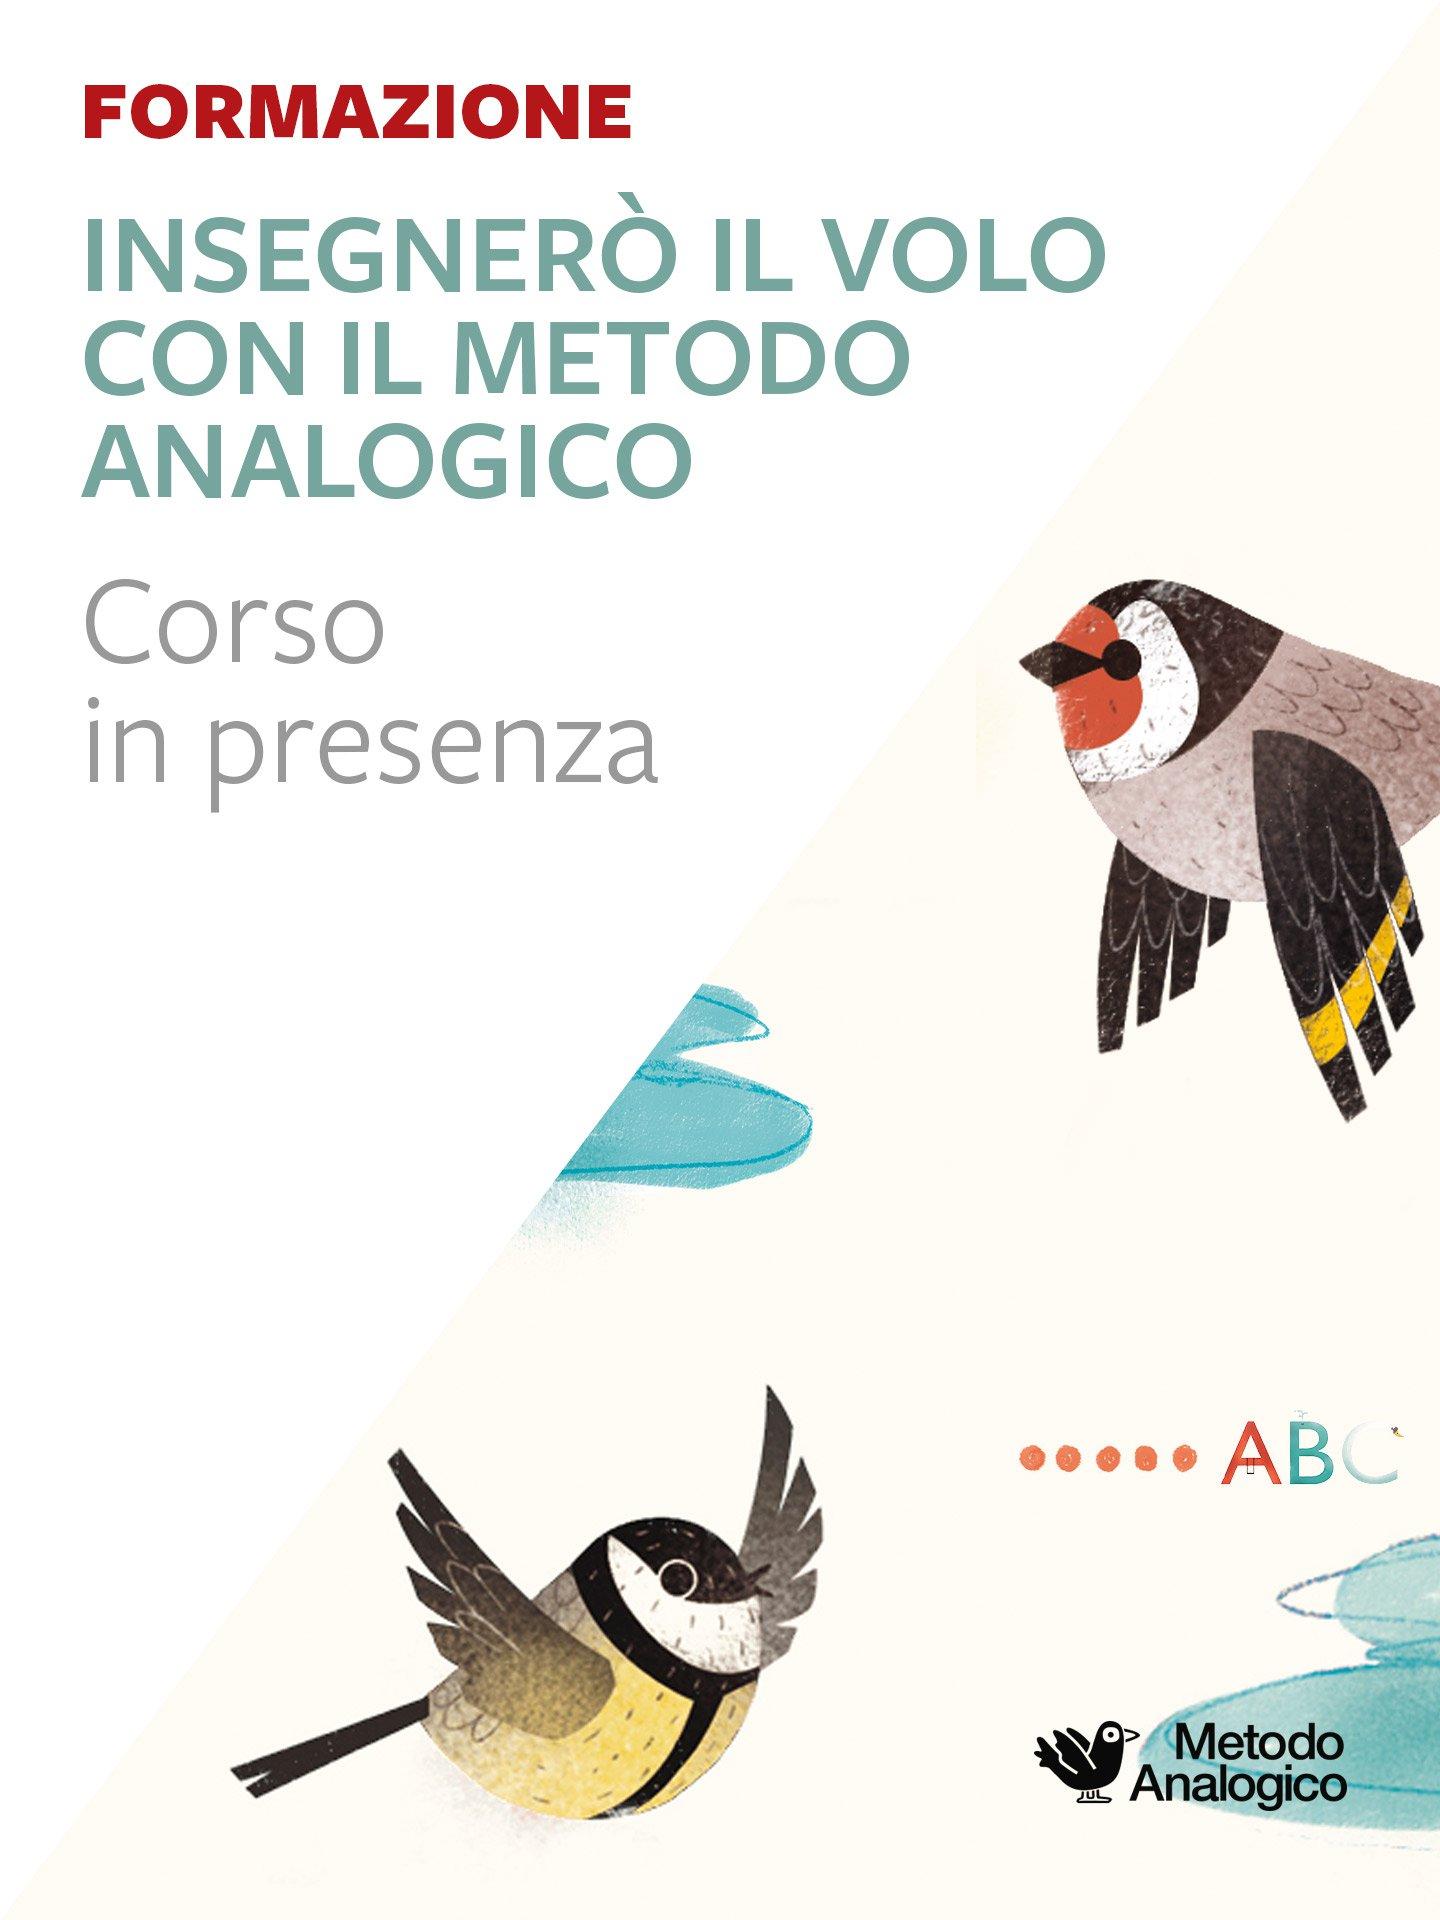 Insegnerò al volo con il Metodo Analogico – Matematica e italiano TREVISO - Teacher Education Agenda - Libri - Erickson